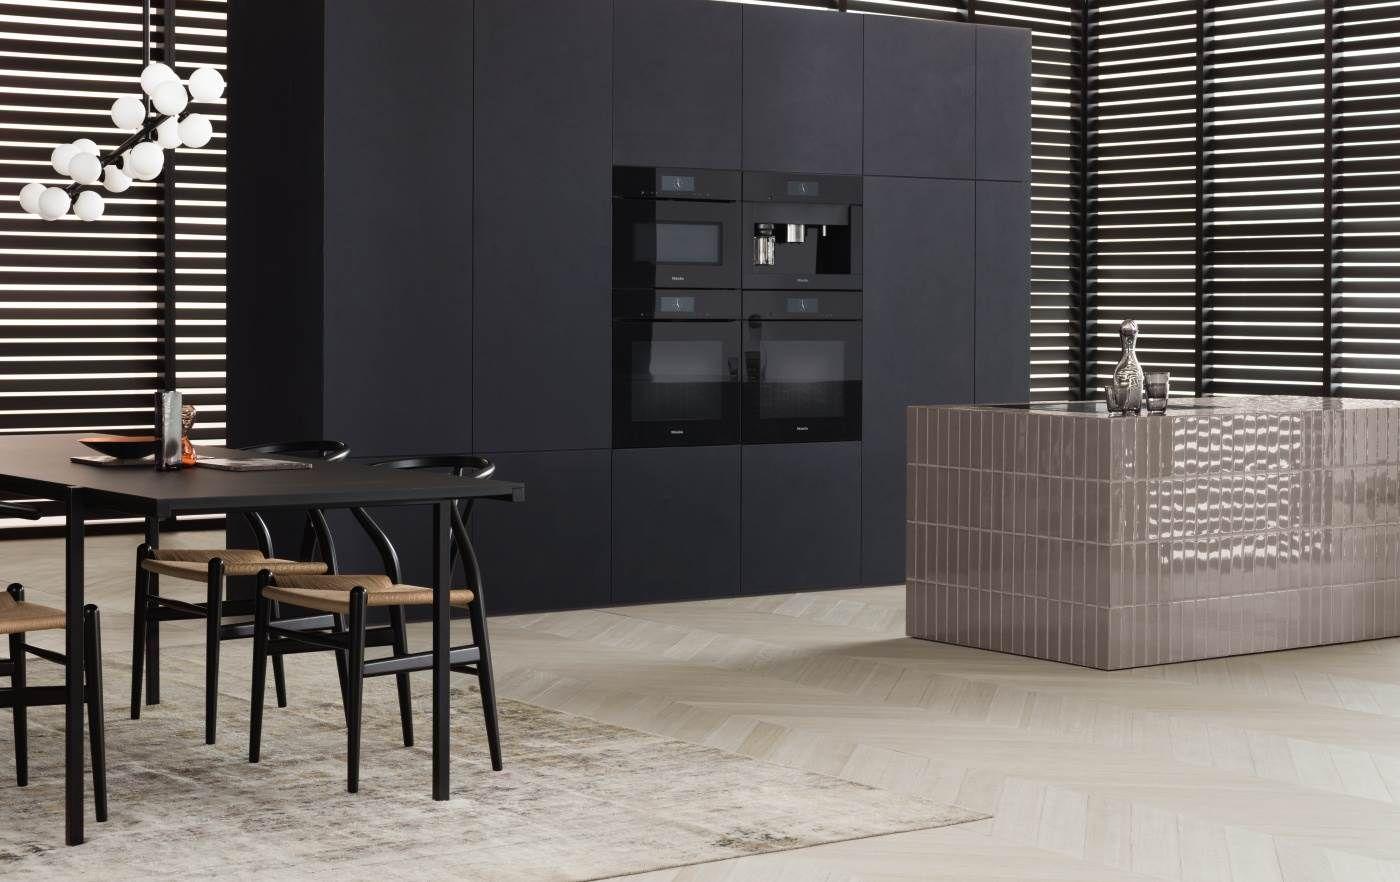 Koffiemachine De Keuken : Grijze keuken met grijze miele stoom ovens en koffiemachine pl